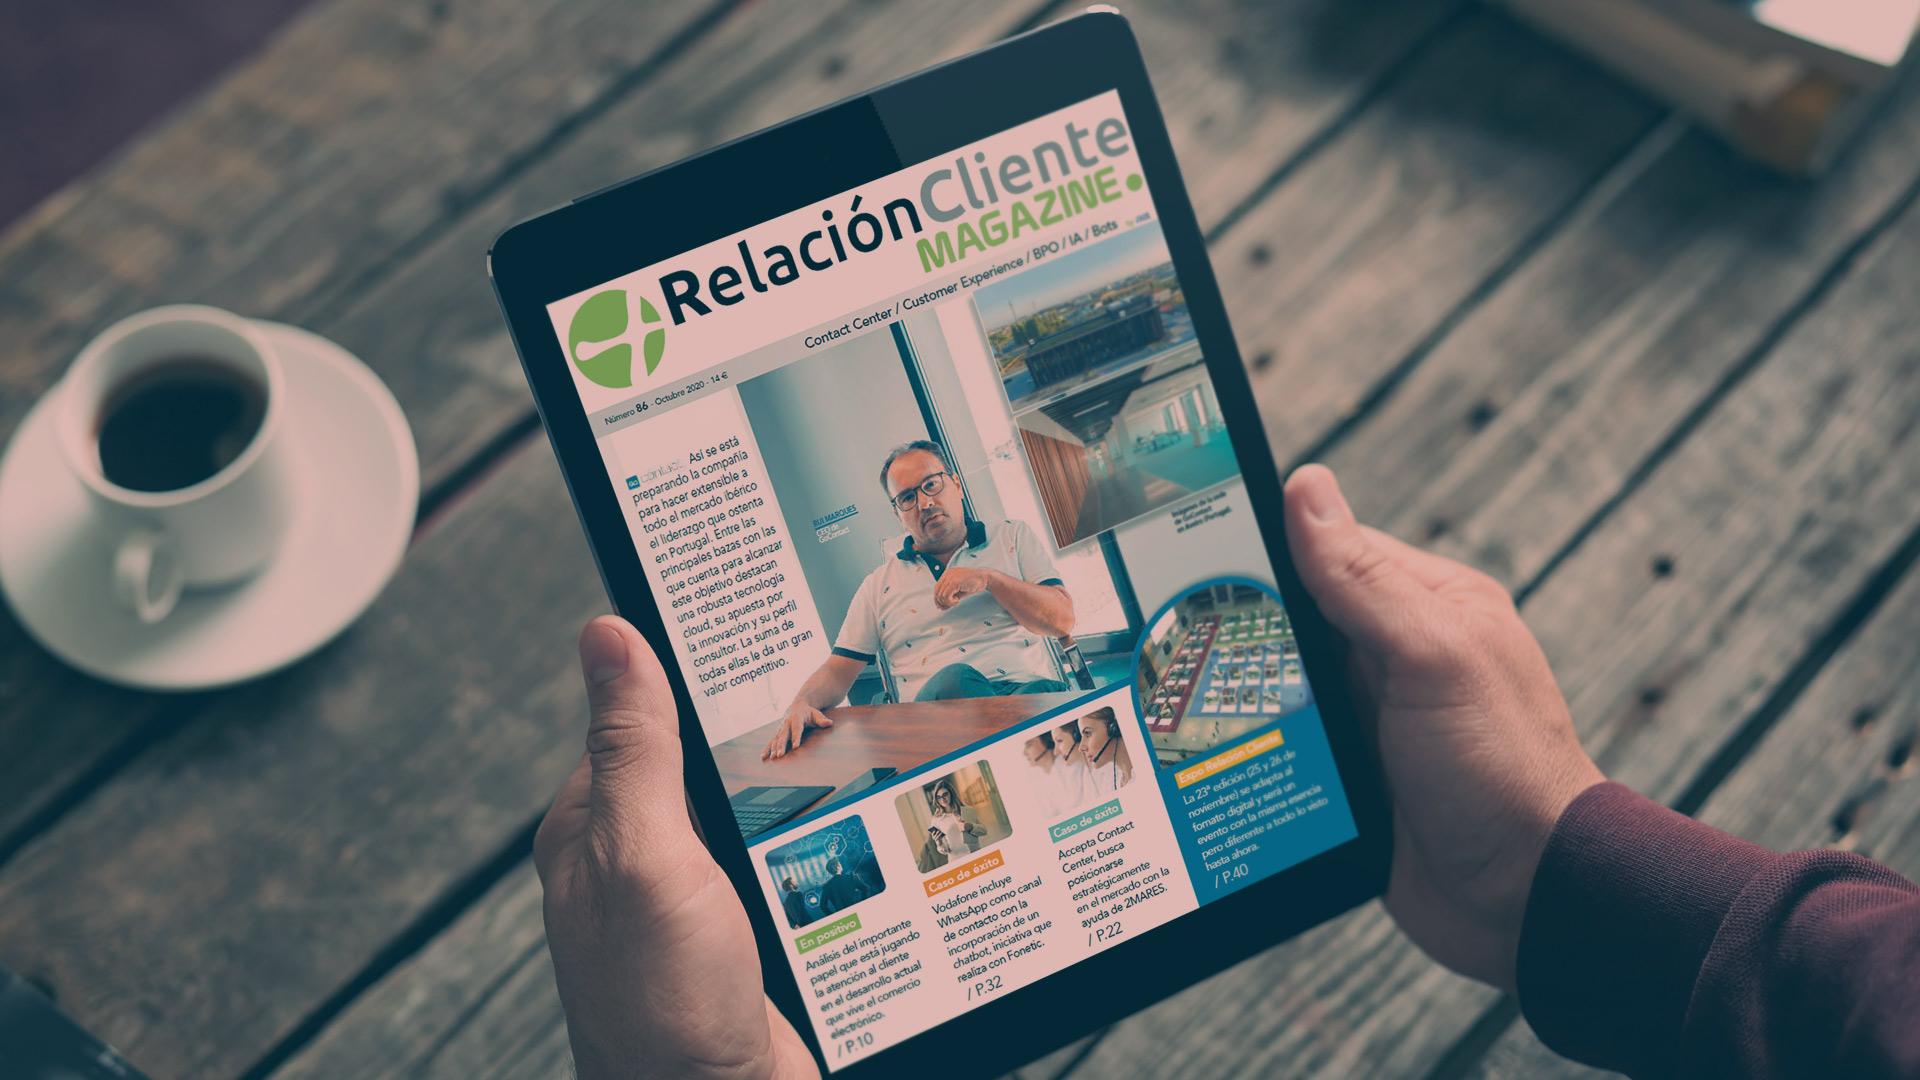 Relación Cliente Magazine